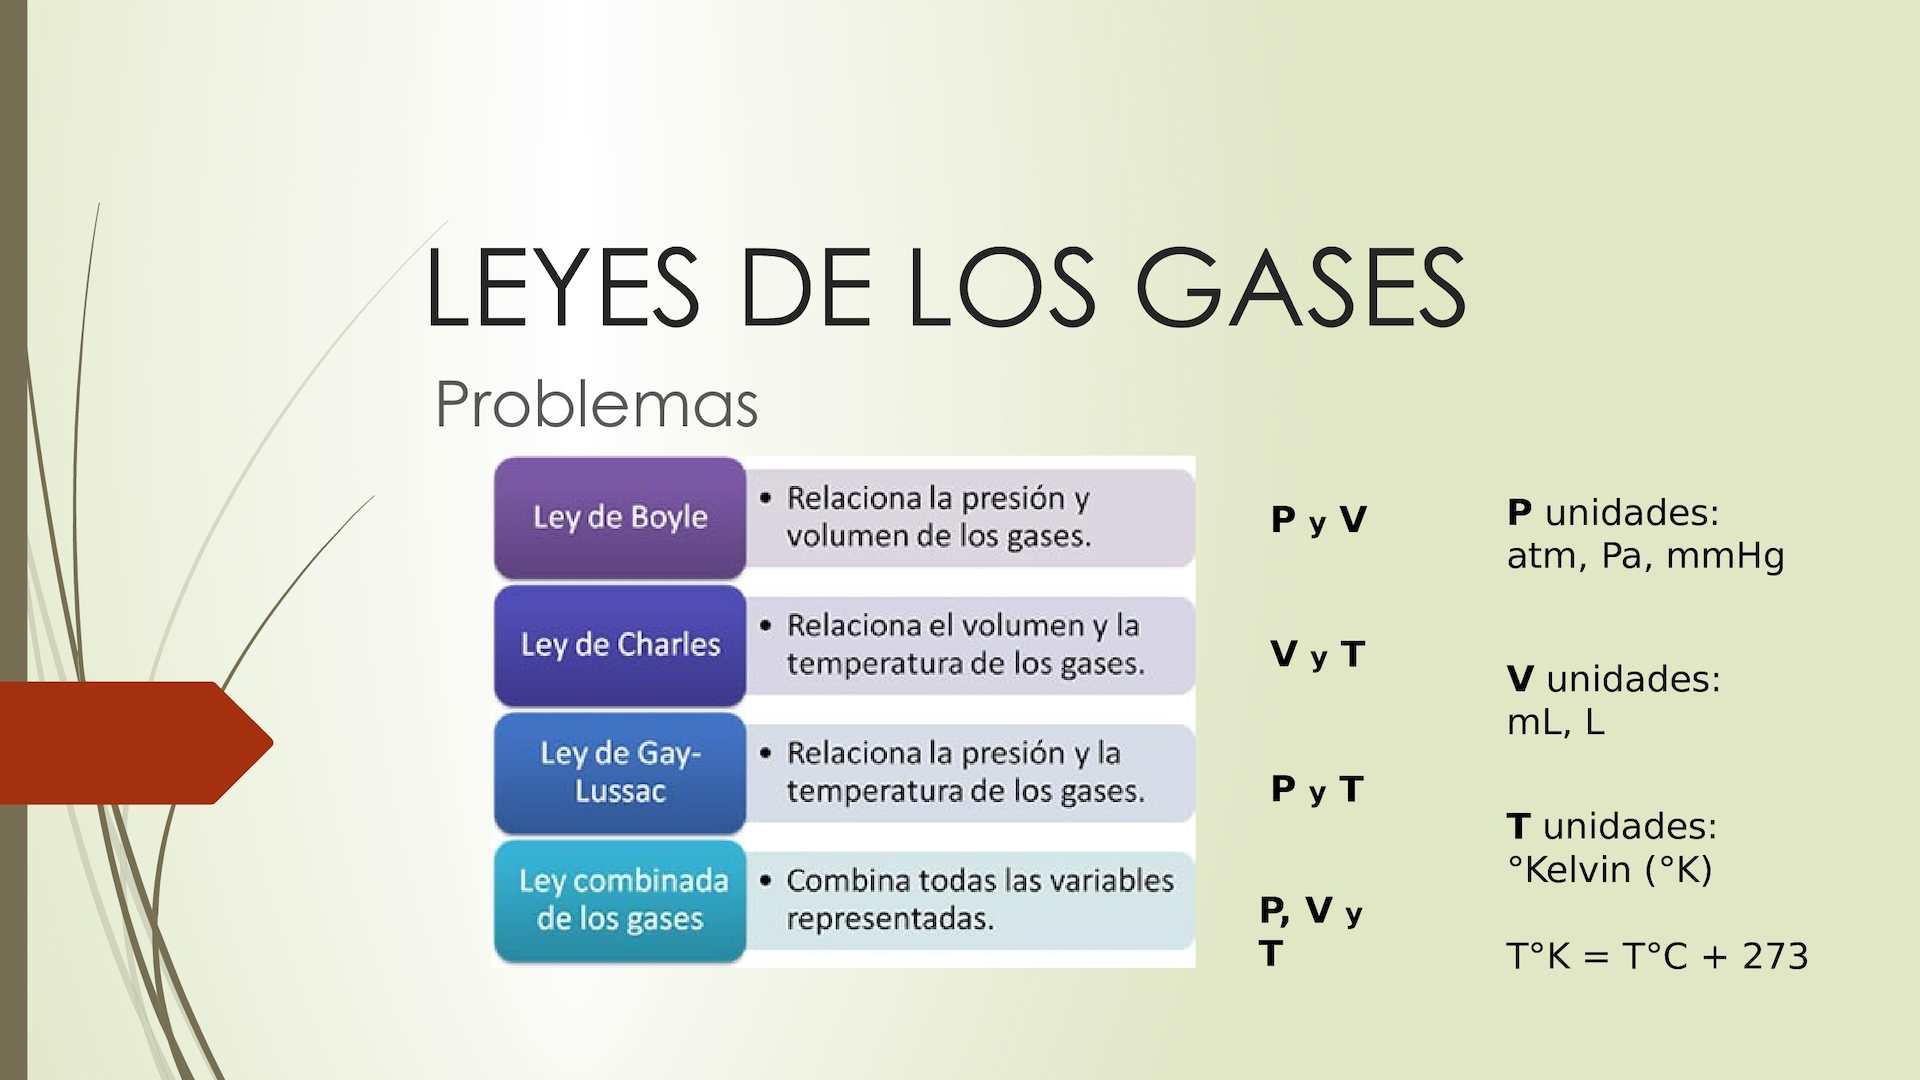 Ppt Leyes De Los Gases Problemas